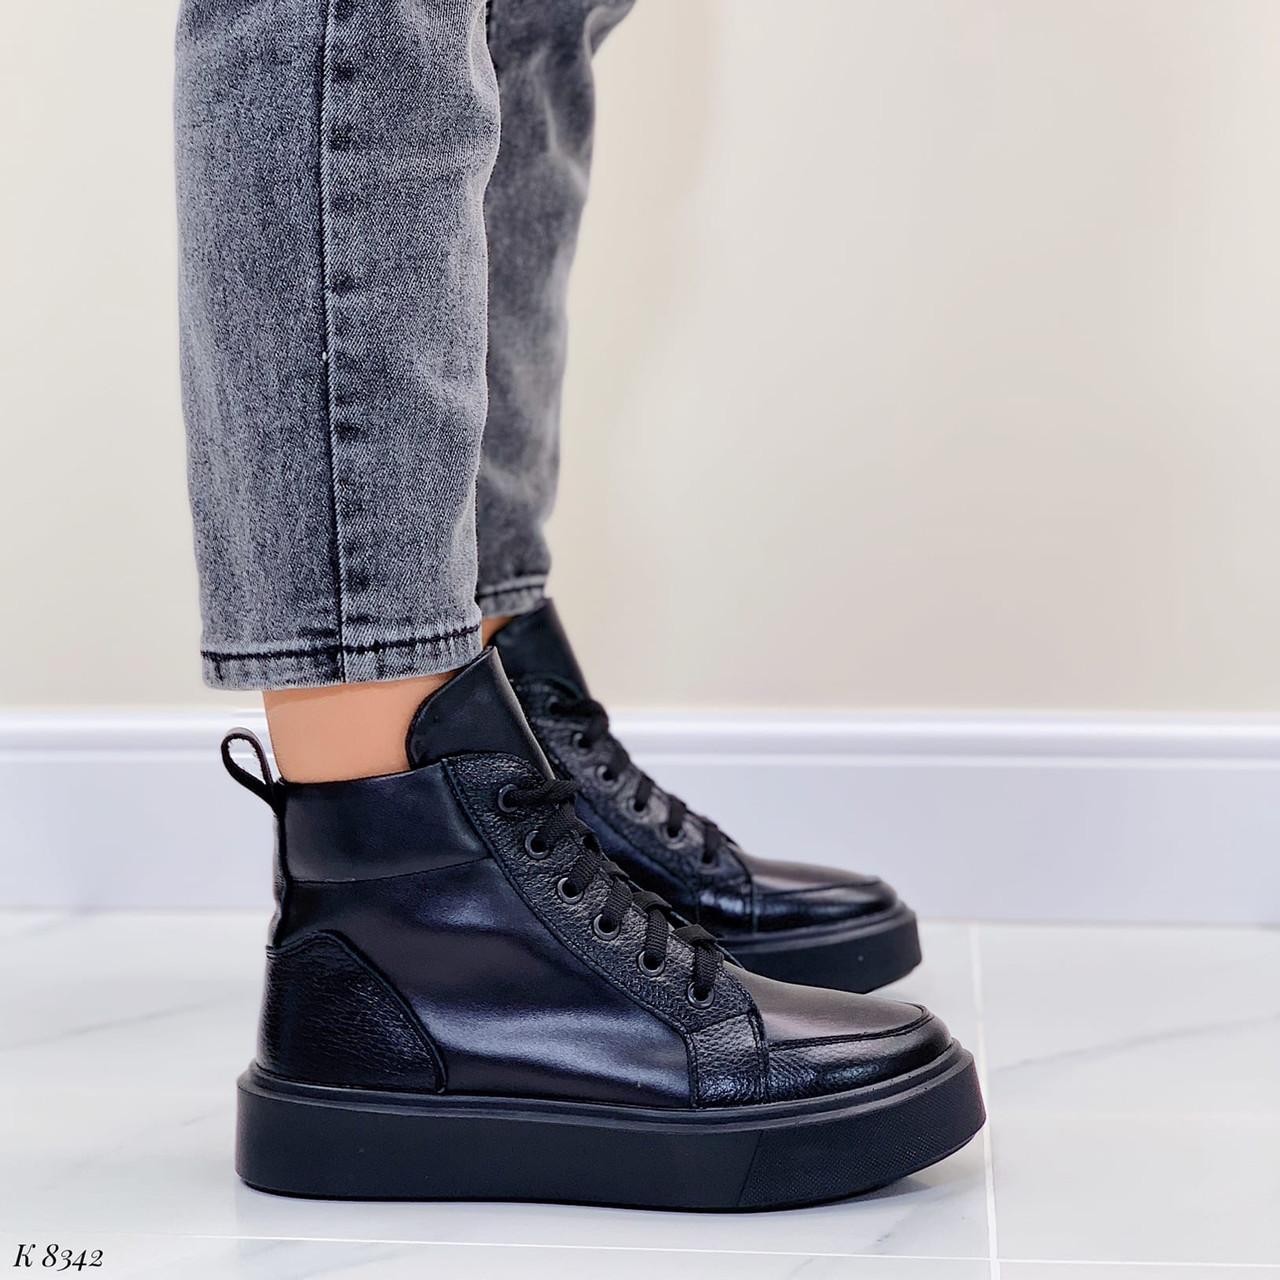 38 р. Ботинки женские деми черные кожаные на низком ходу низкий ход демисезонные из натуральной кожи кожа